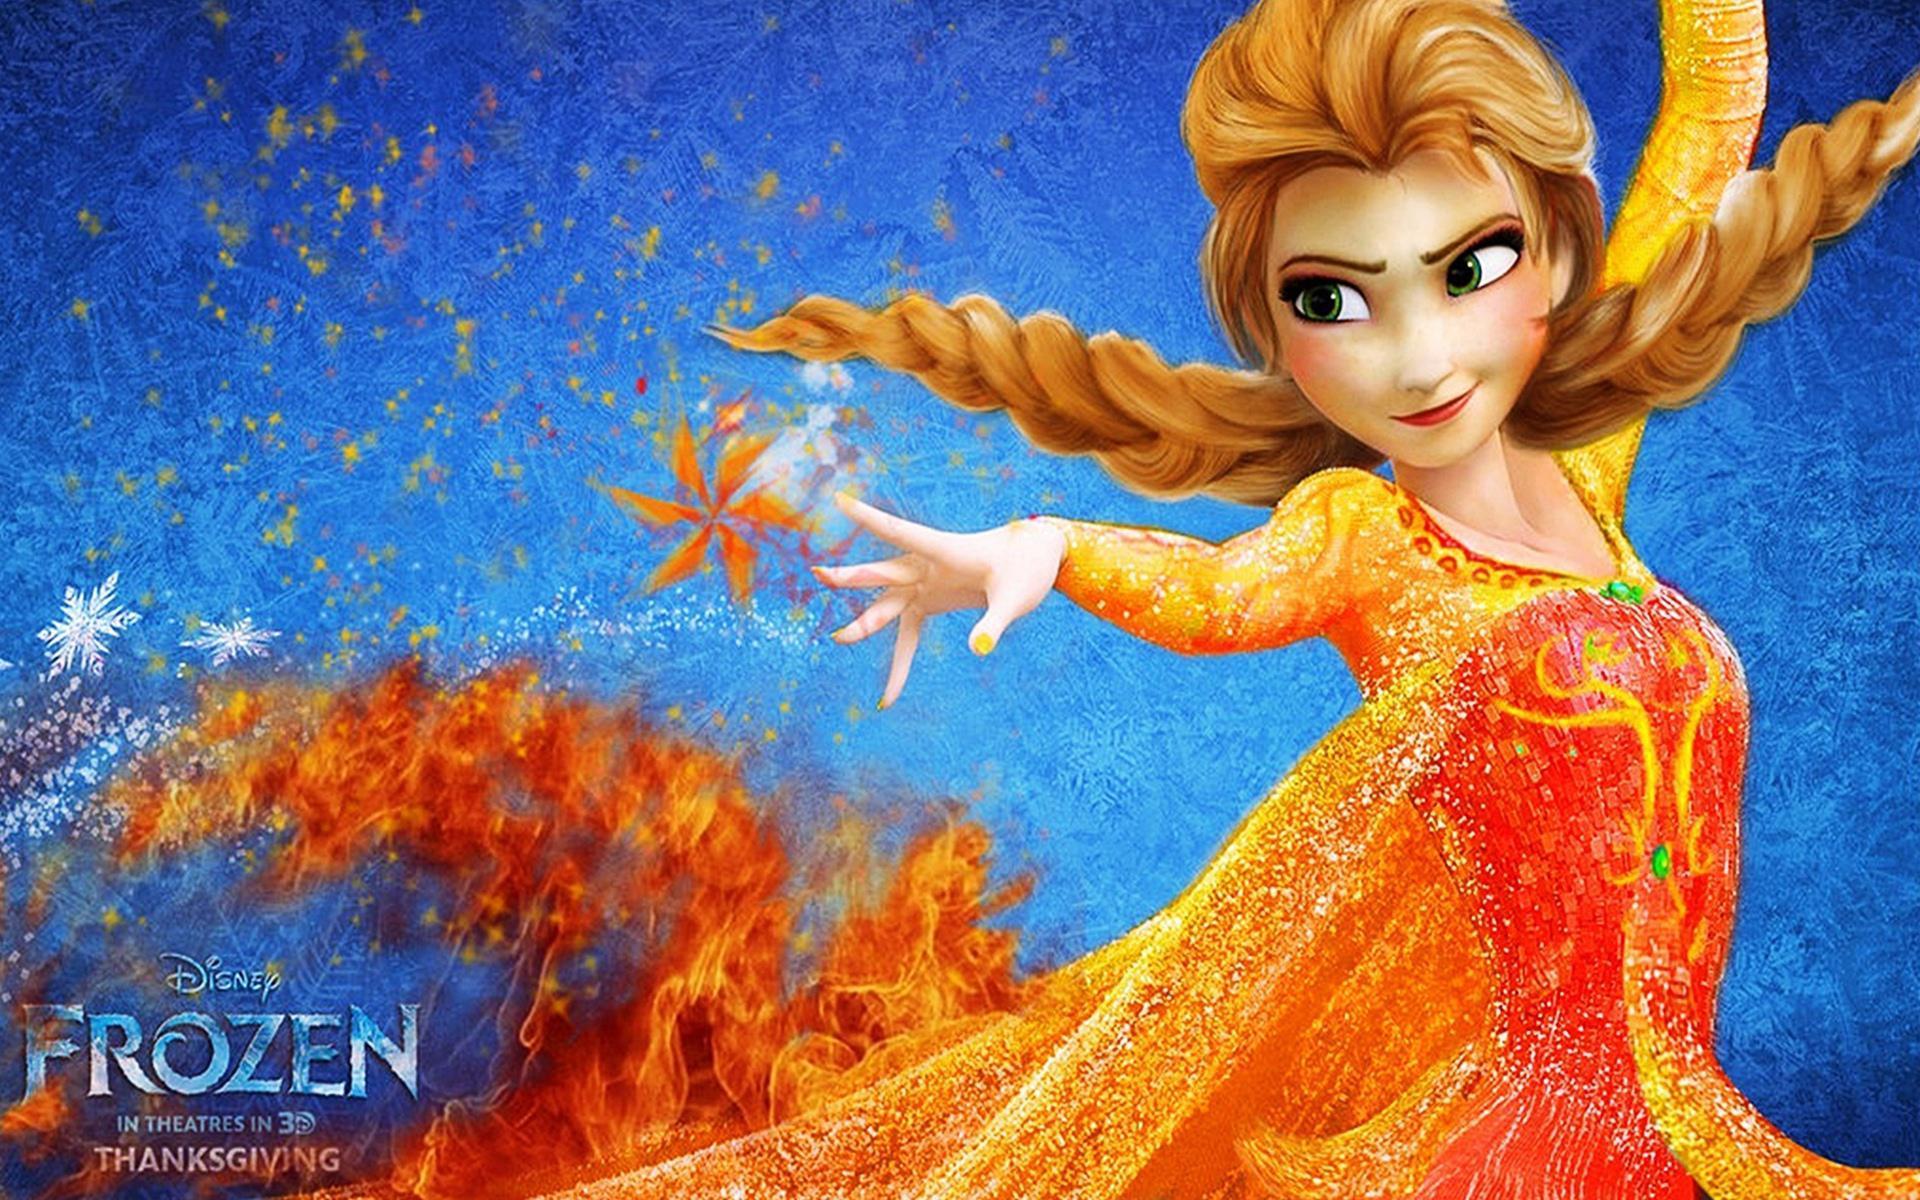 frozen - disney movie - elsa - deviation, on fire full hd wallpaper